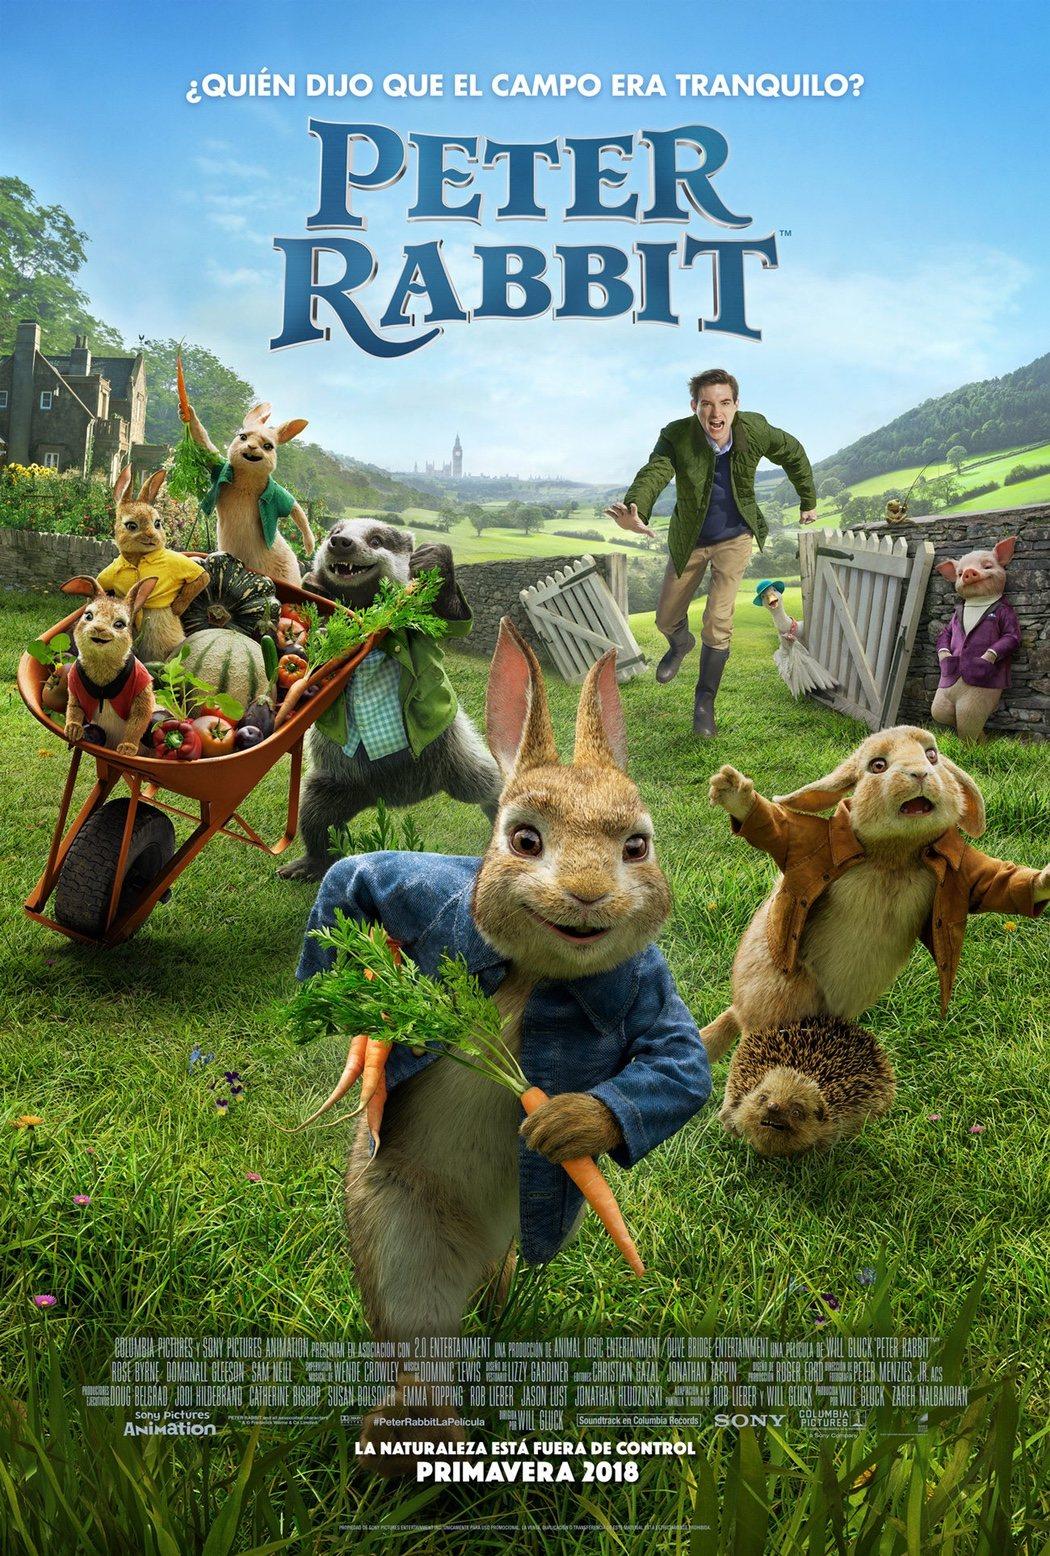 'Peter Rabbit'